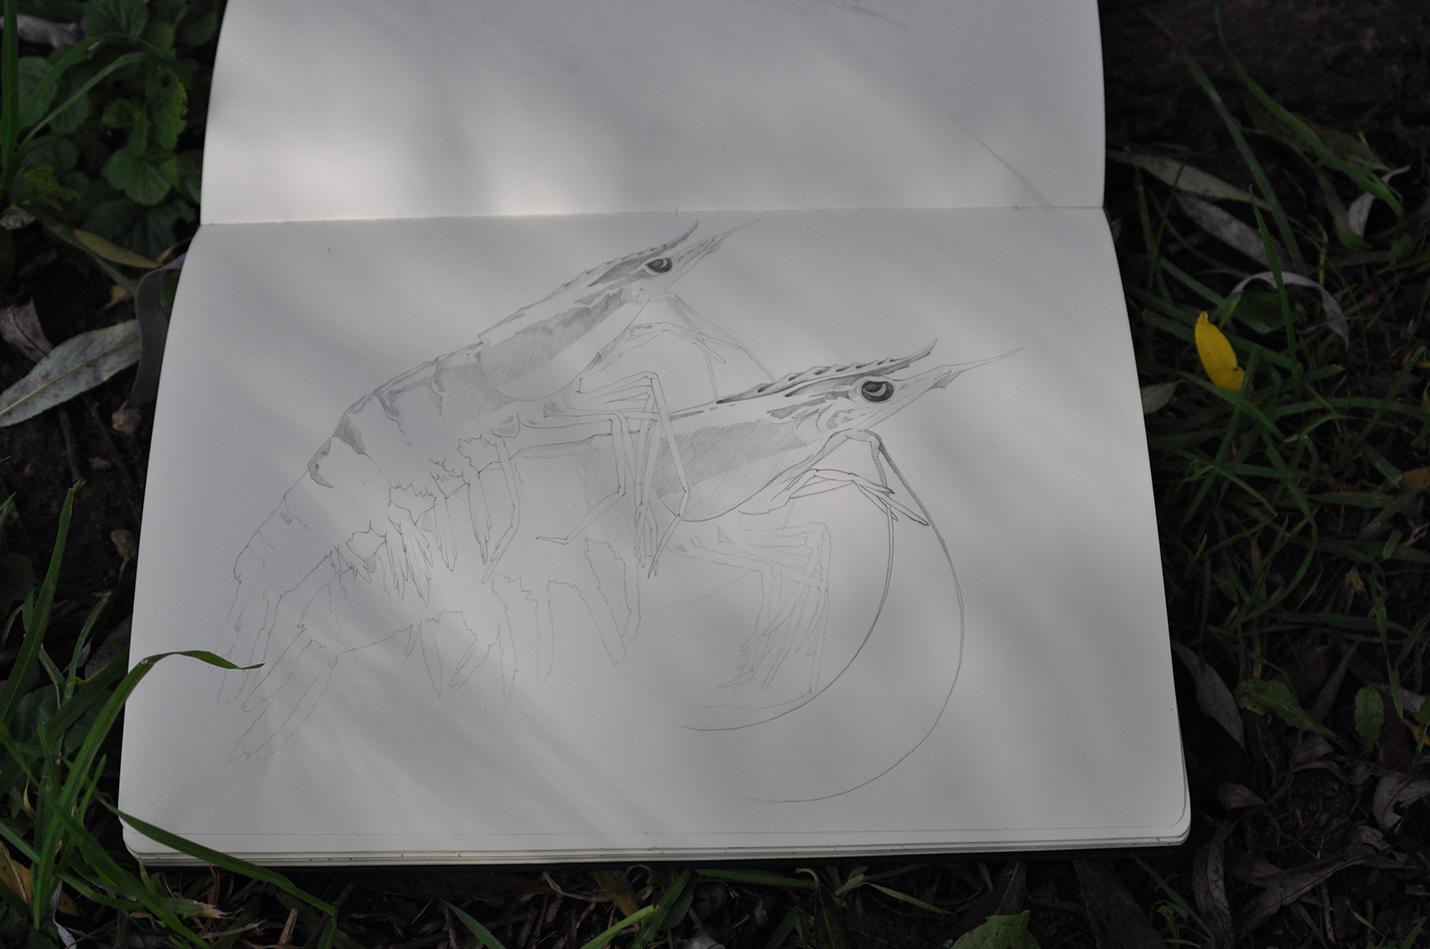 карандашный скетч 8